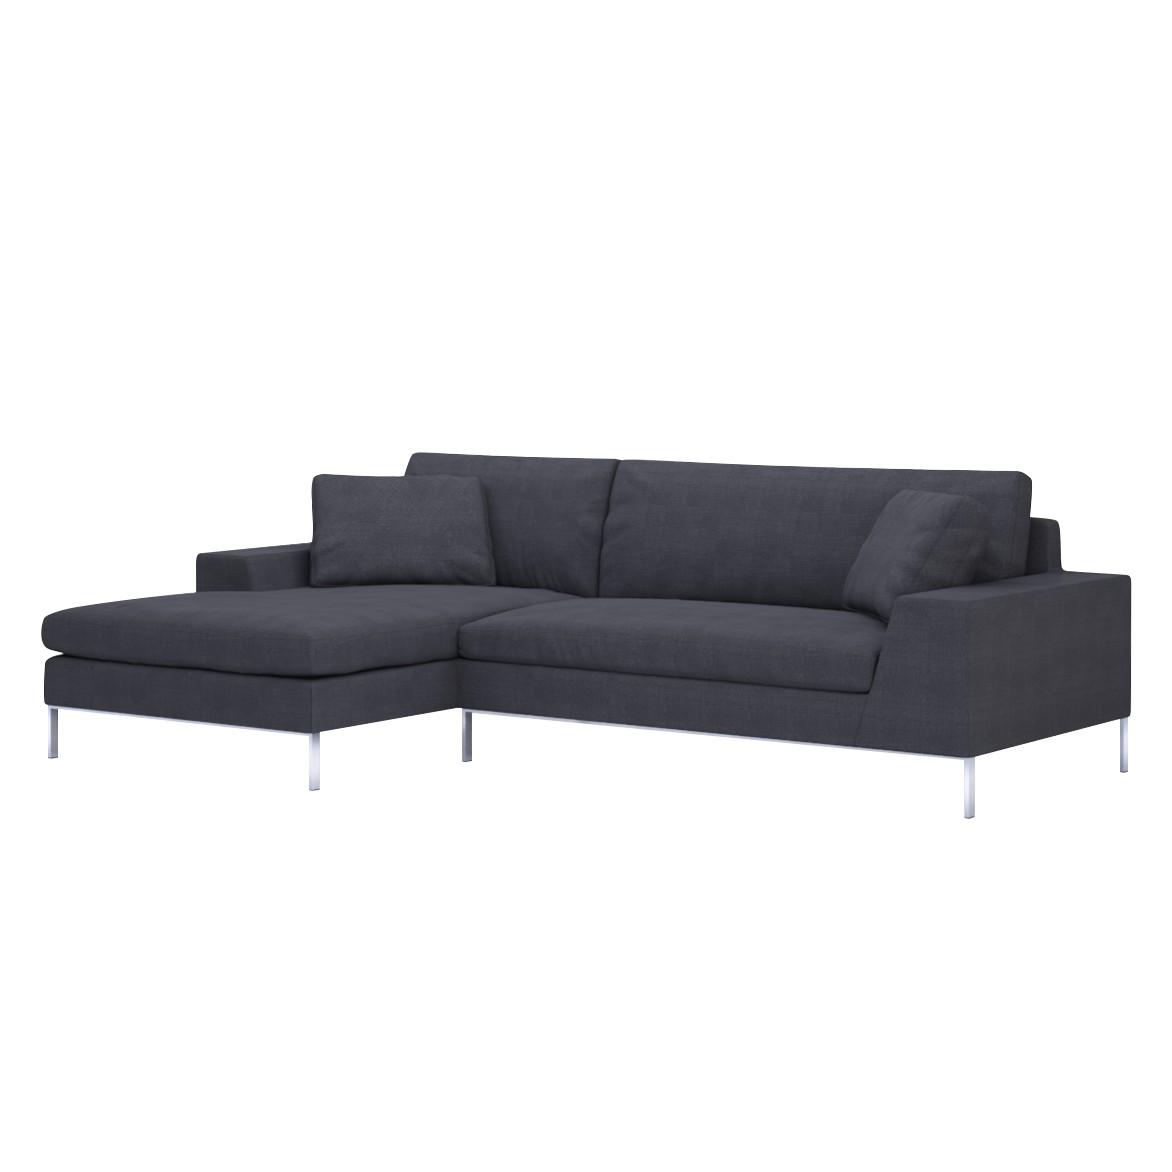 Sofa Helgesen (2-Sitzer) mit Recamière – Longchair/Ottomane davorstehend links – Nyborg III Grey (Charcoal), Von Wilmowsky günstig online kaufen